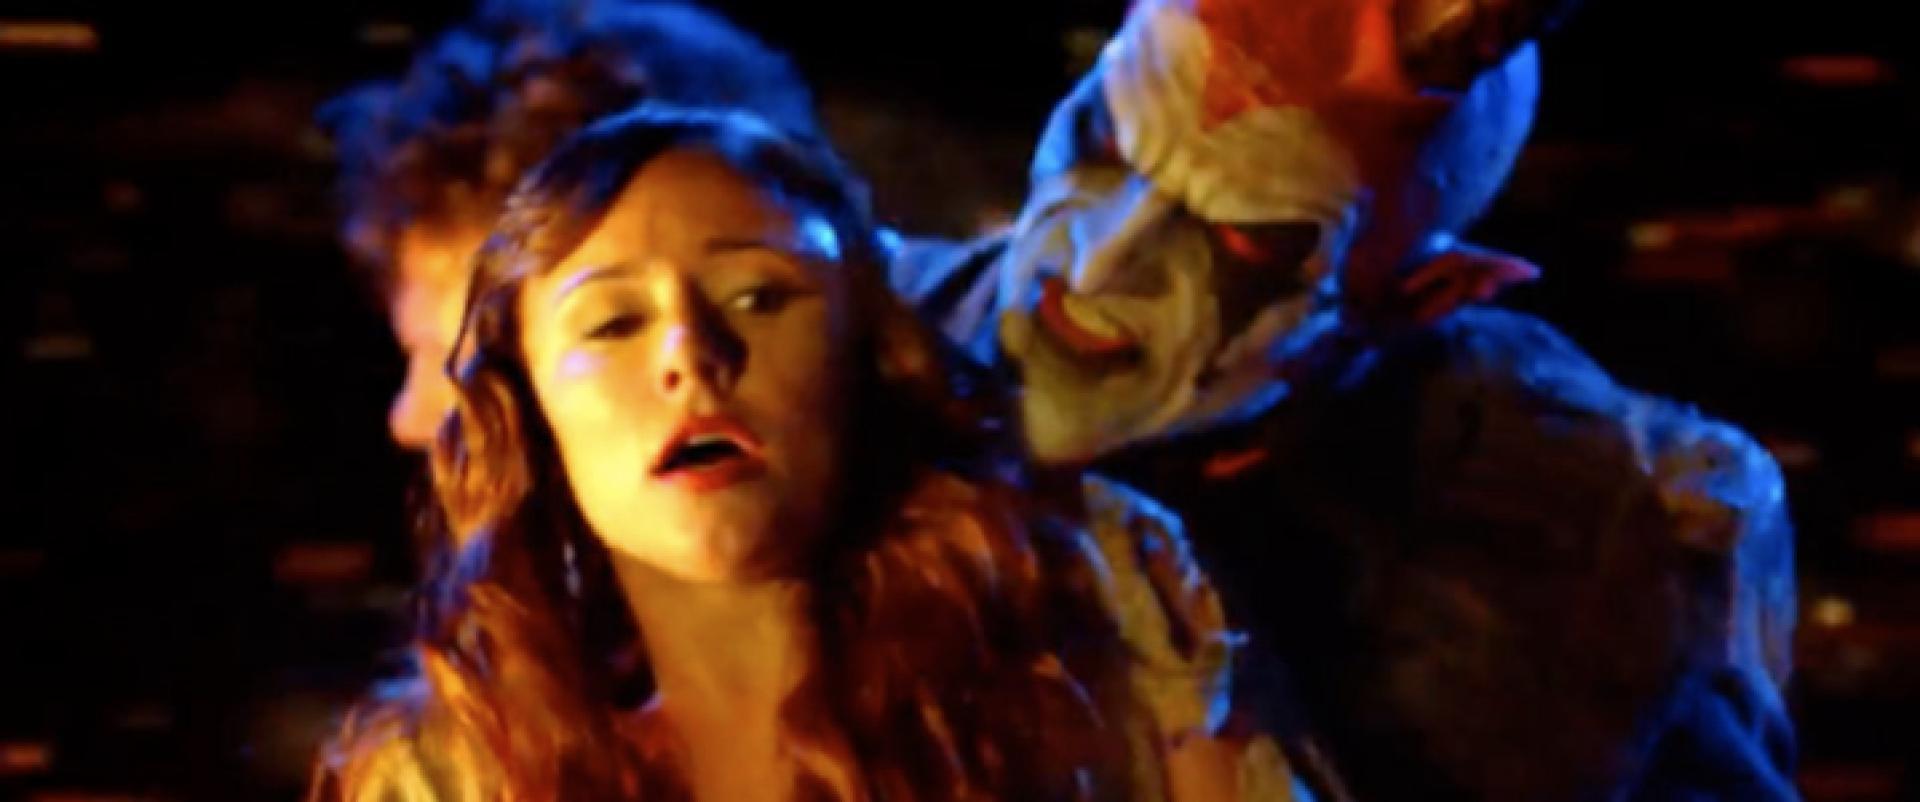 The Devil's Carnival - Alleluia!: a nyitószám